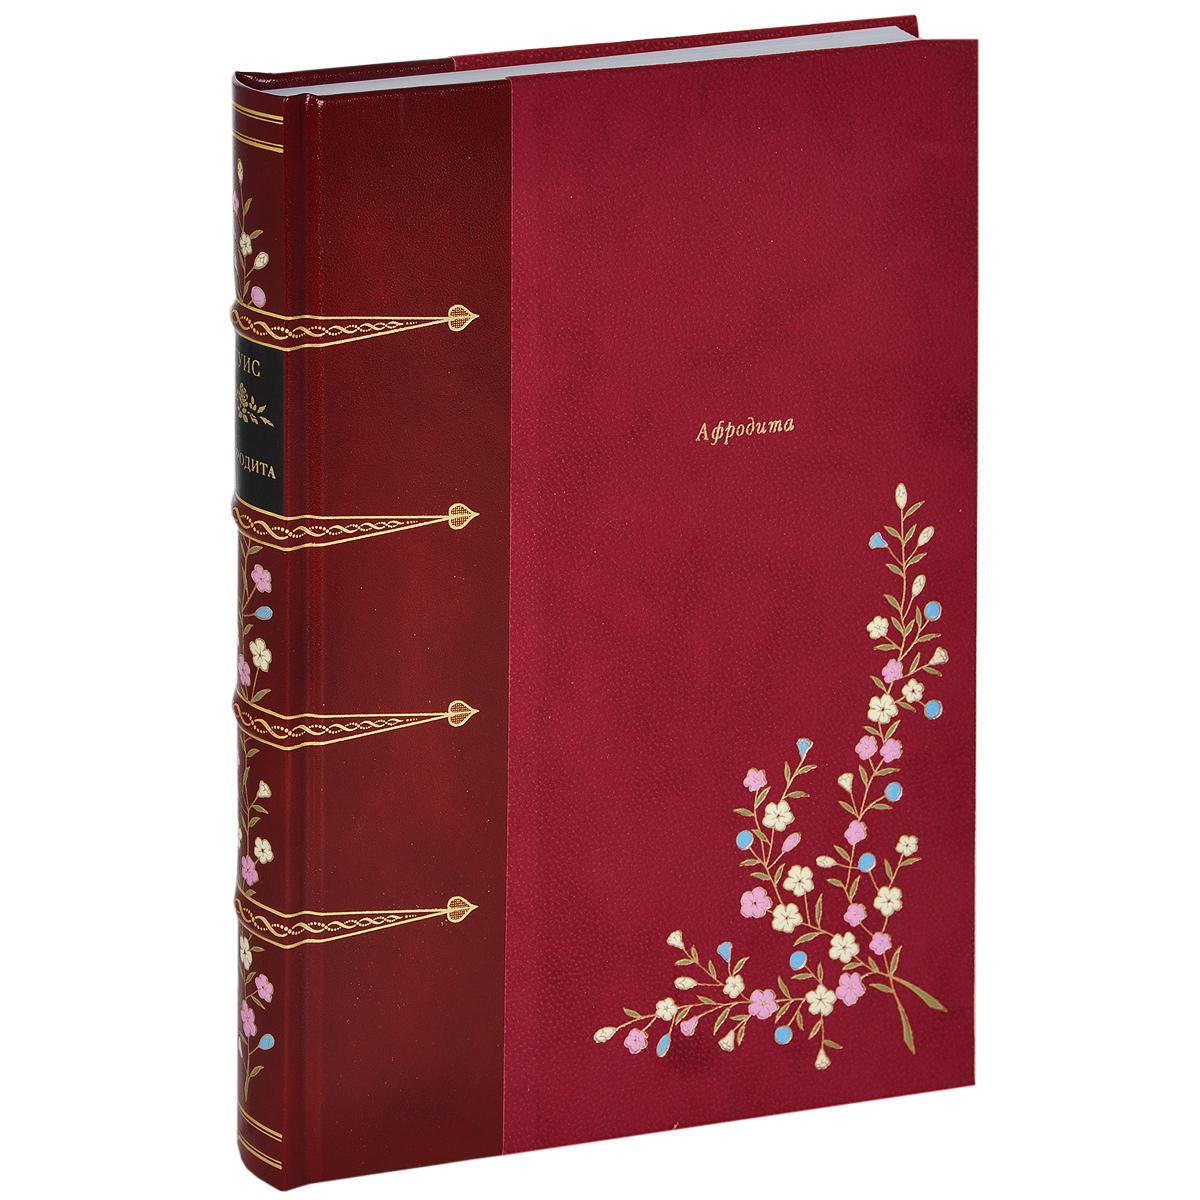 Афродита (подарочное издание)